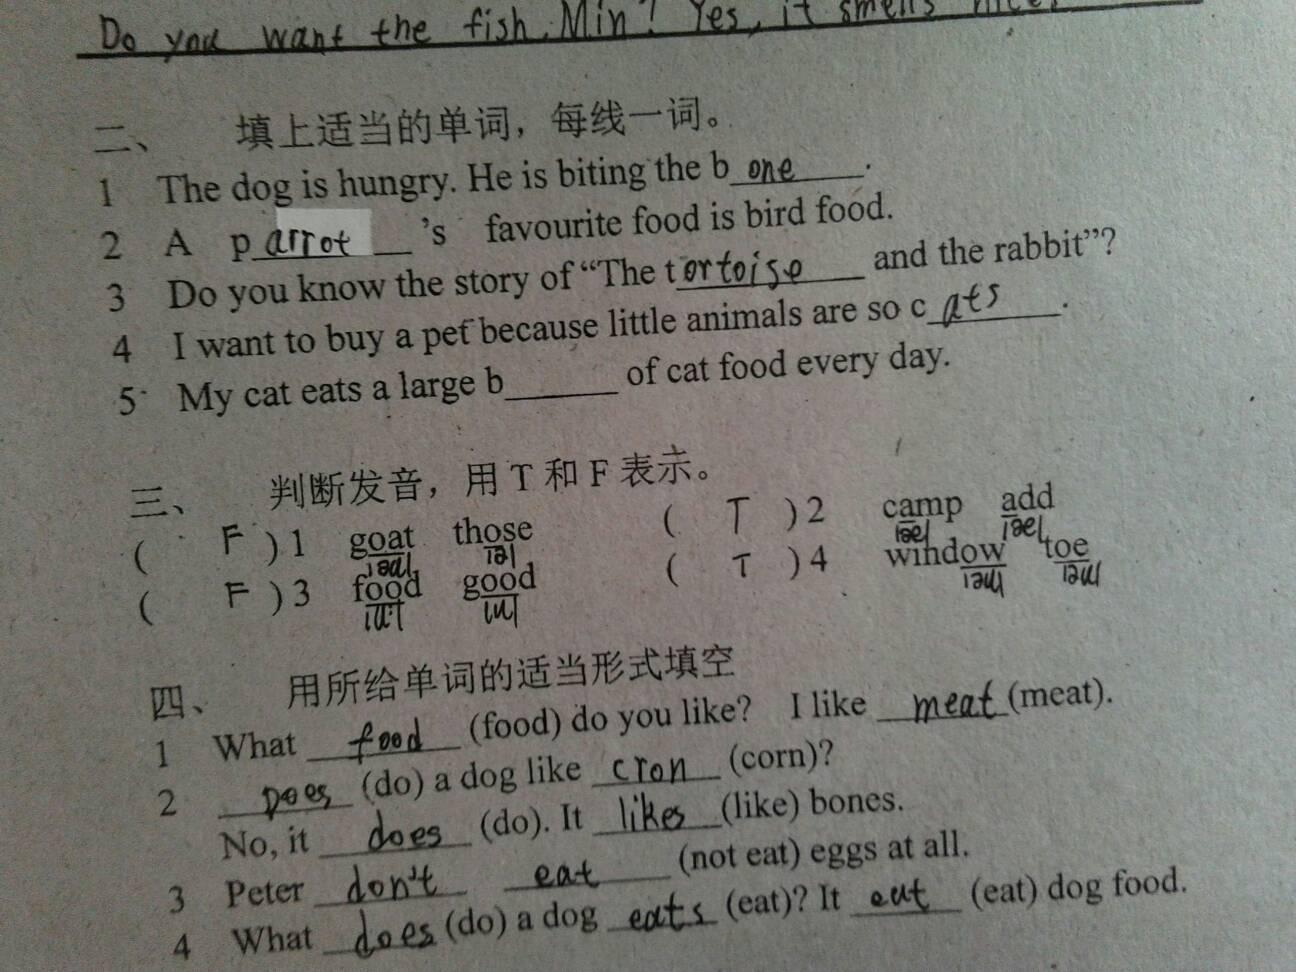 吃的英文_b开头的食物,猫吃的.英语